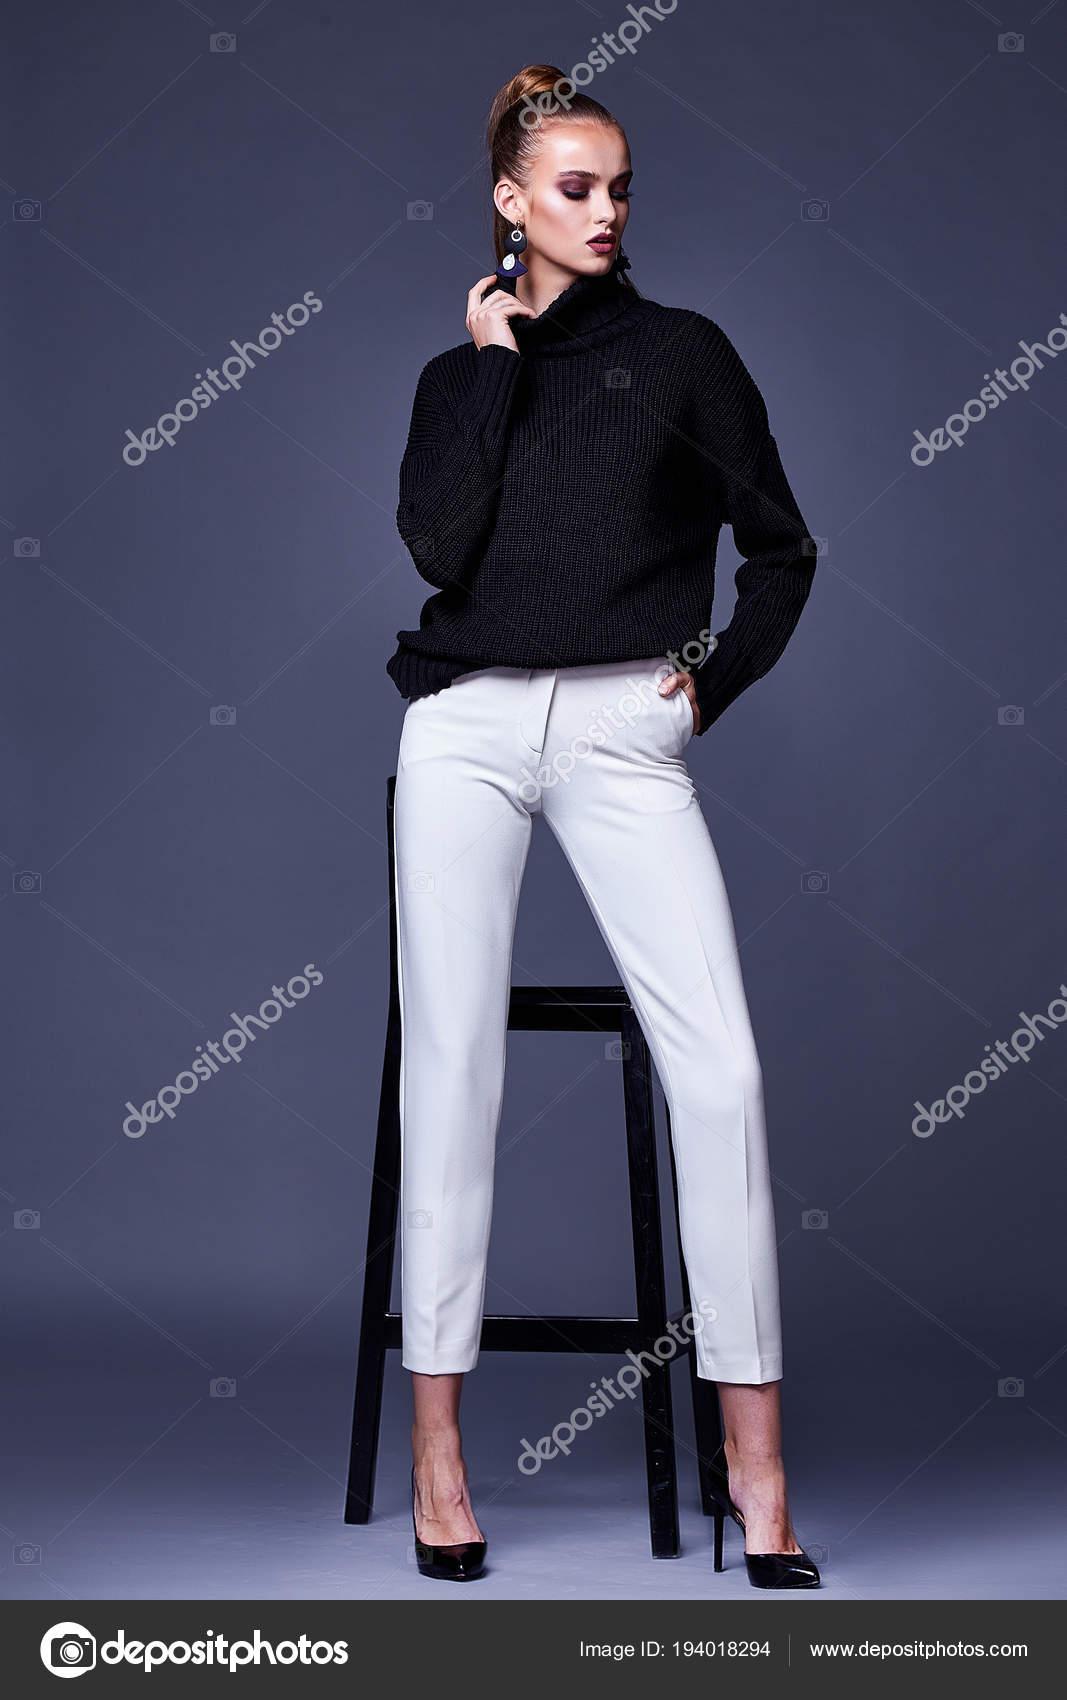 buy popular 7ed59 93811 Sexy schöne Frau elegante Dame tragen legere Kleidung für ...